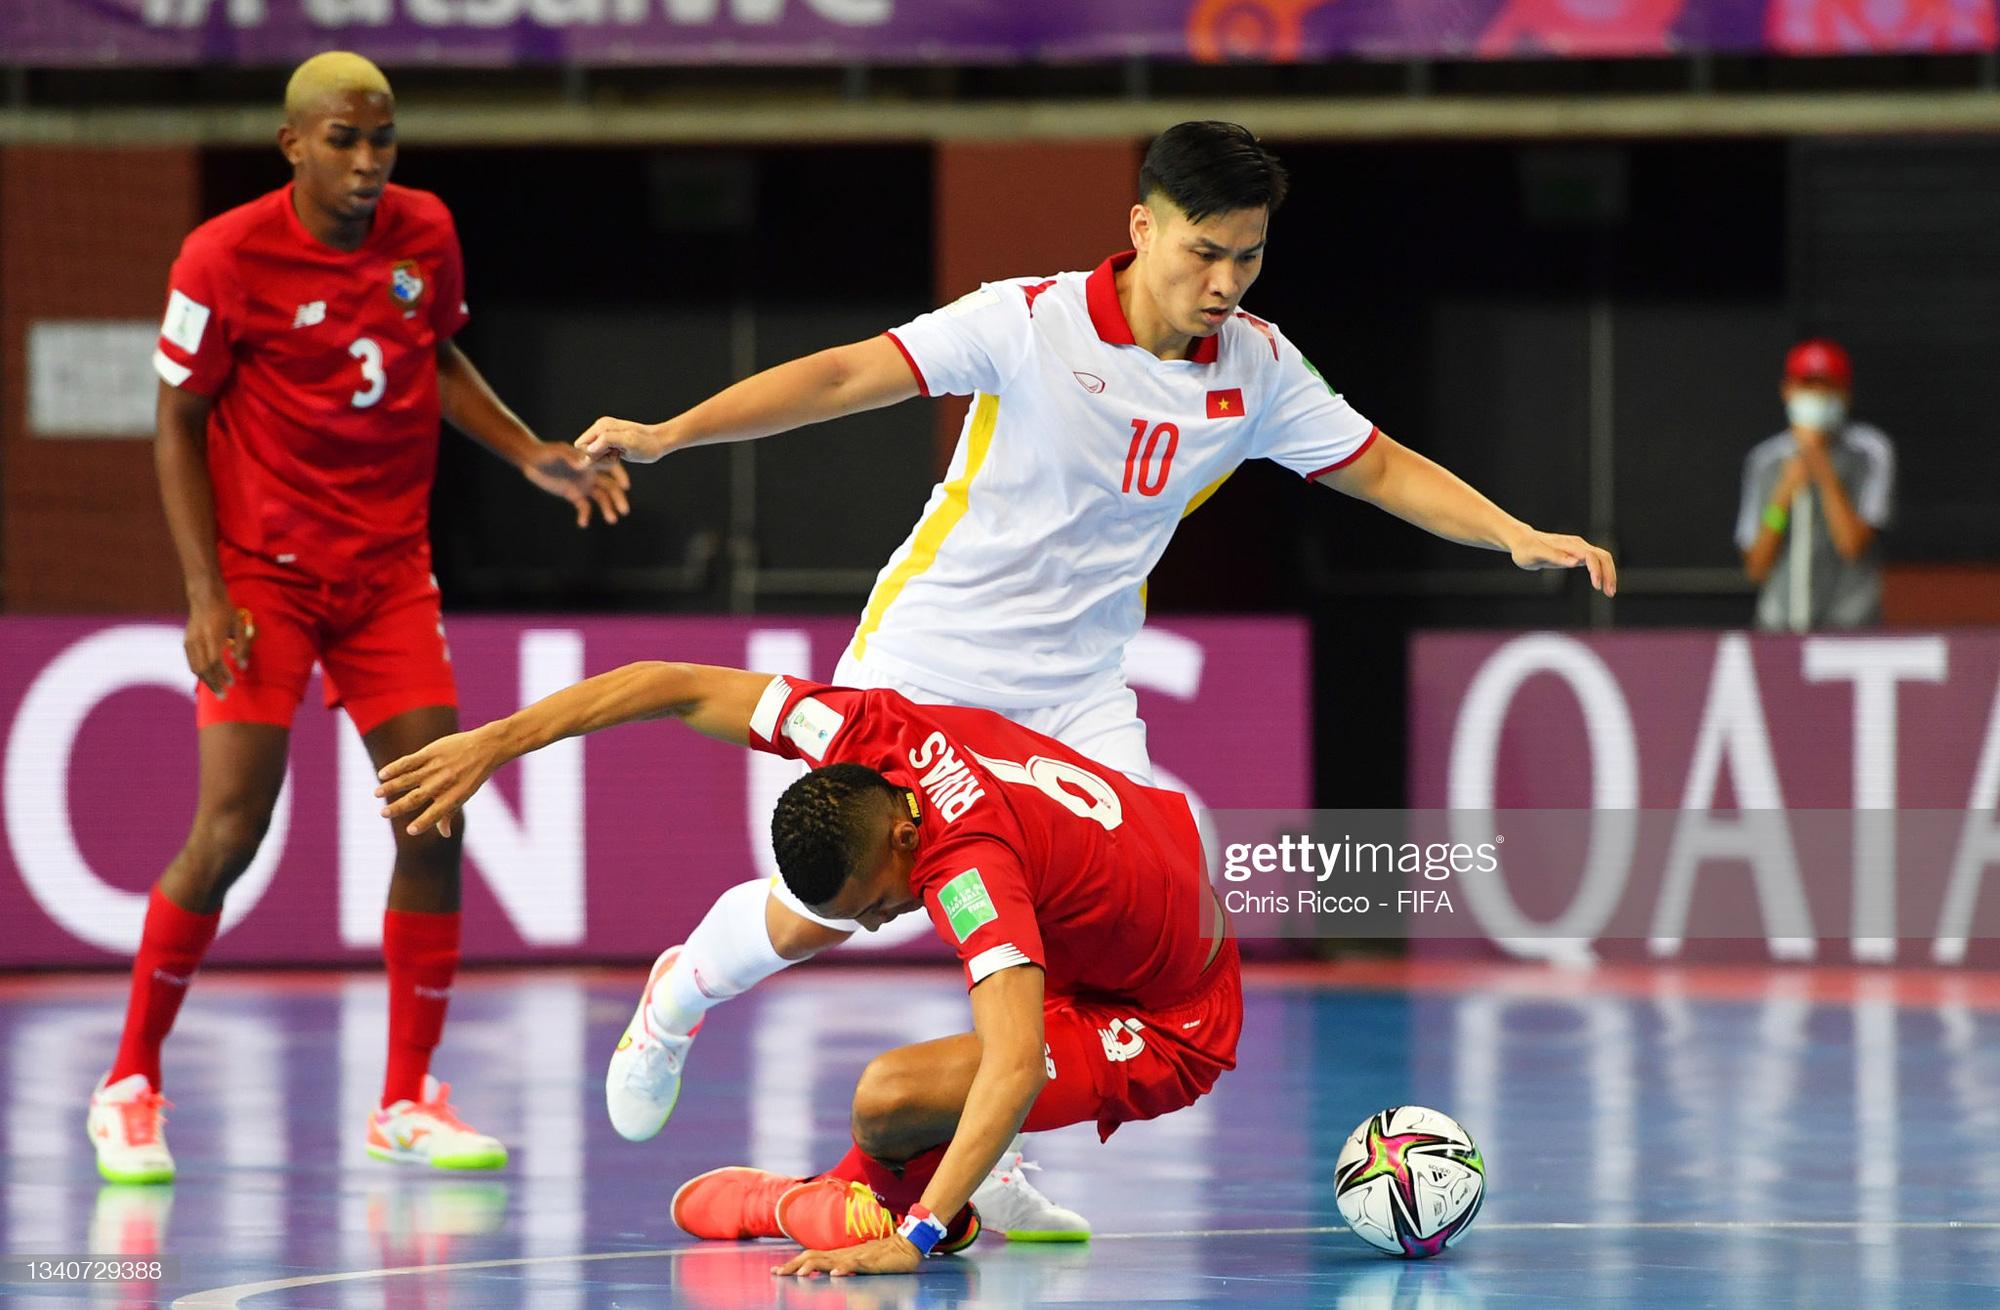 Vào đến vòng 16 đội World Cup 2021, các tuyển thủ futsal Việt Nam vẫn chỉ có lượt theo dõi khiêm tốn trên mạng xã hội - Ảnh 14.